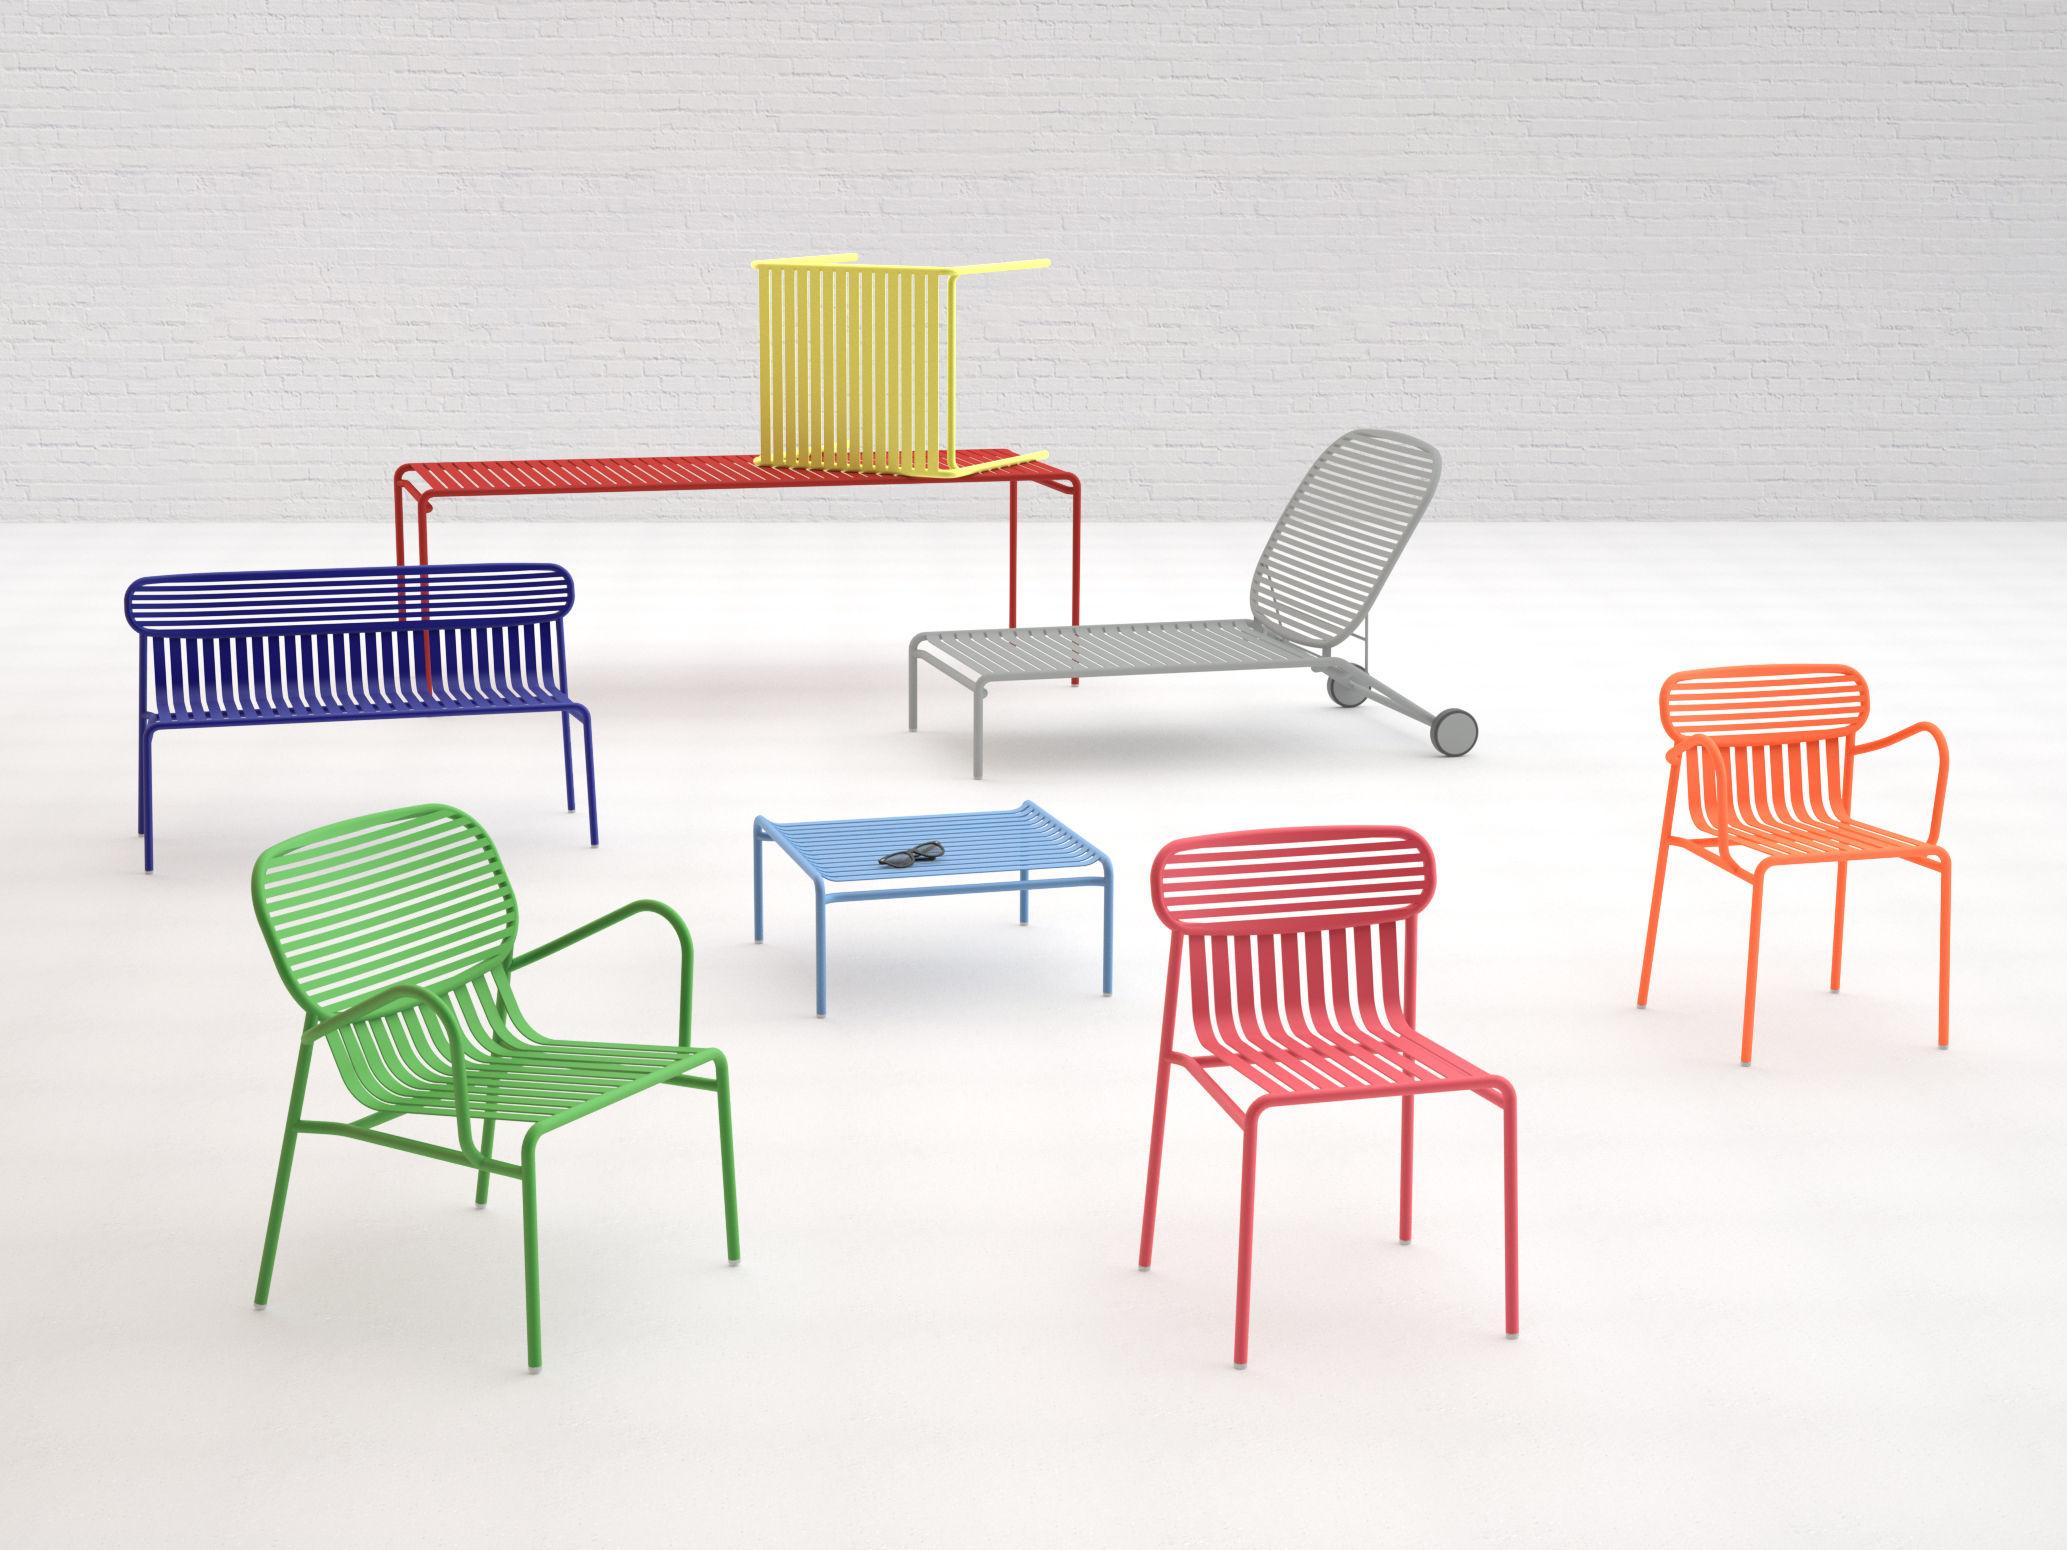 Le Mobilier De Jardin Week-End By Oxyo - Joli Place avec Salon De Jardin Métal Coloré